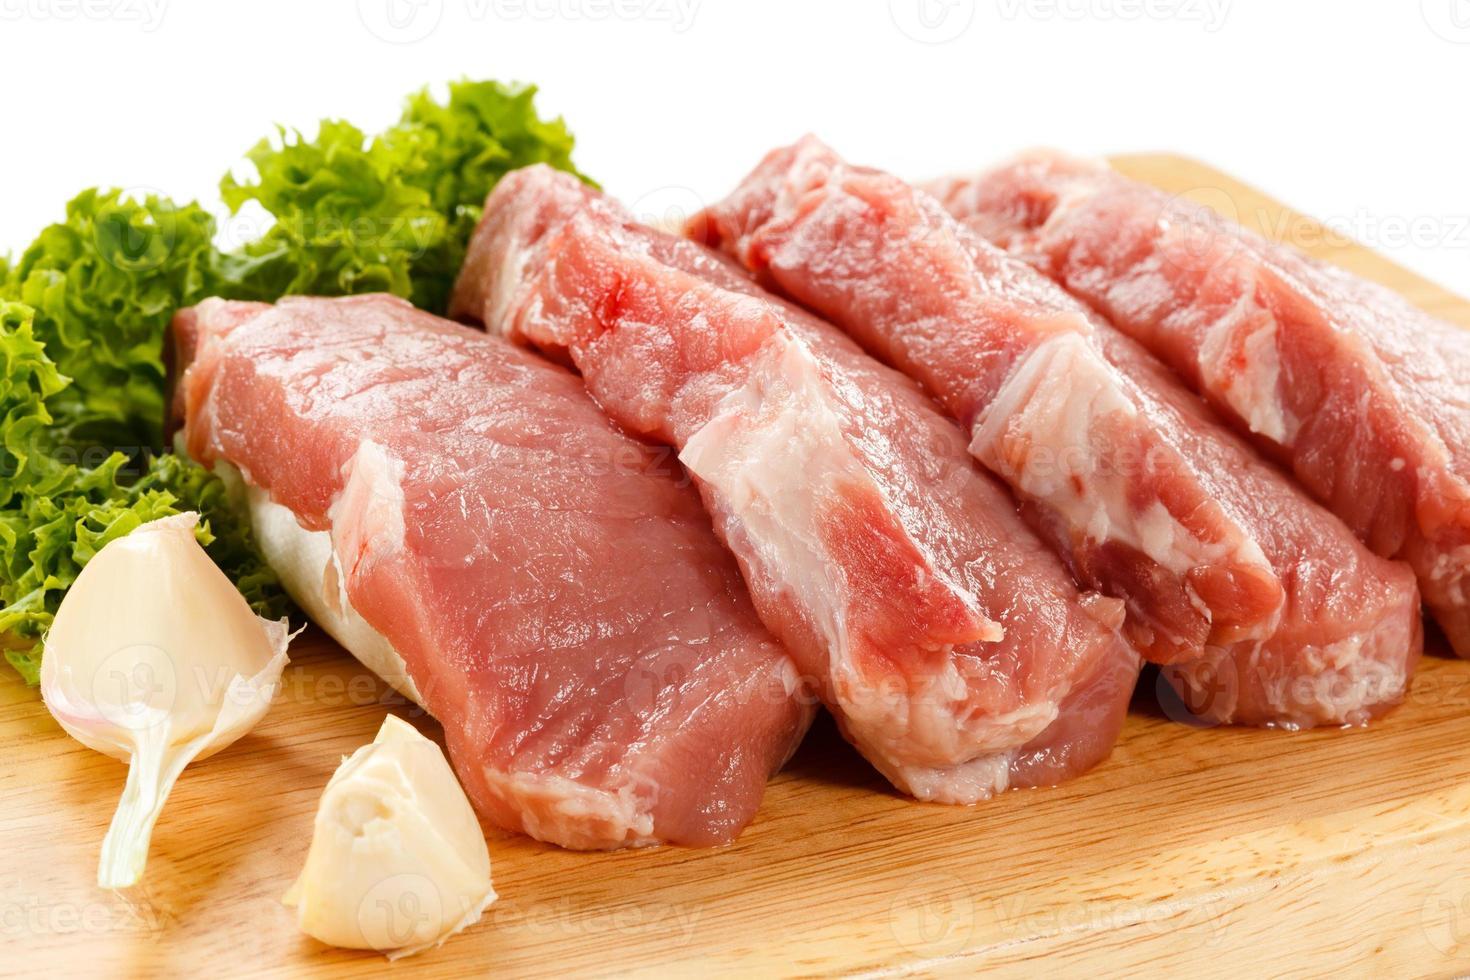 carne de cerdo cruda fresca en tabla de cortar foto